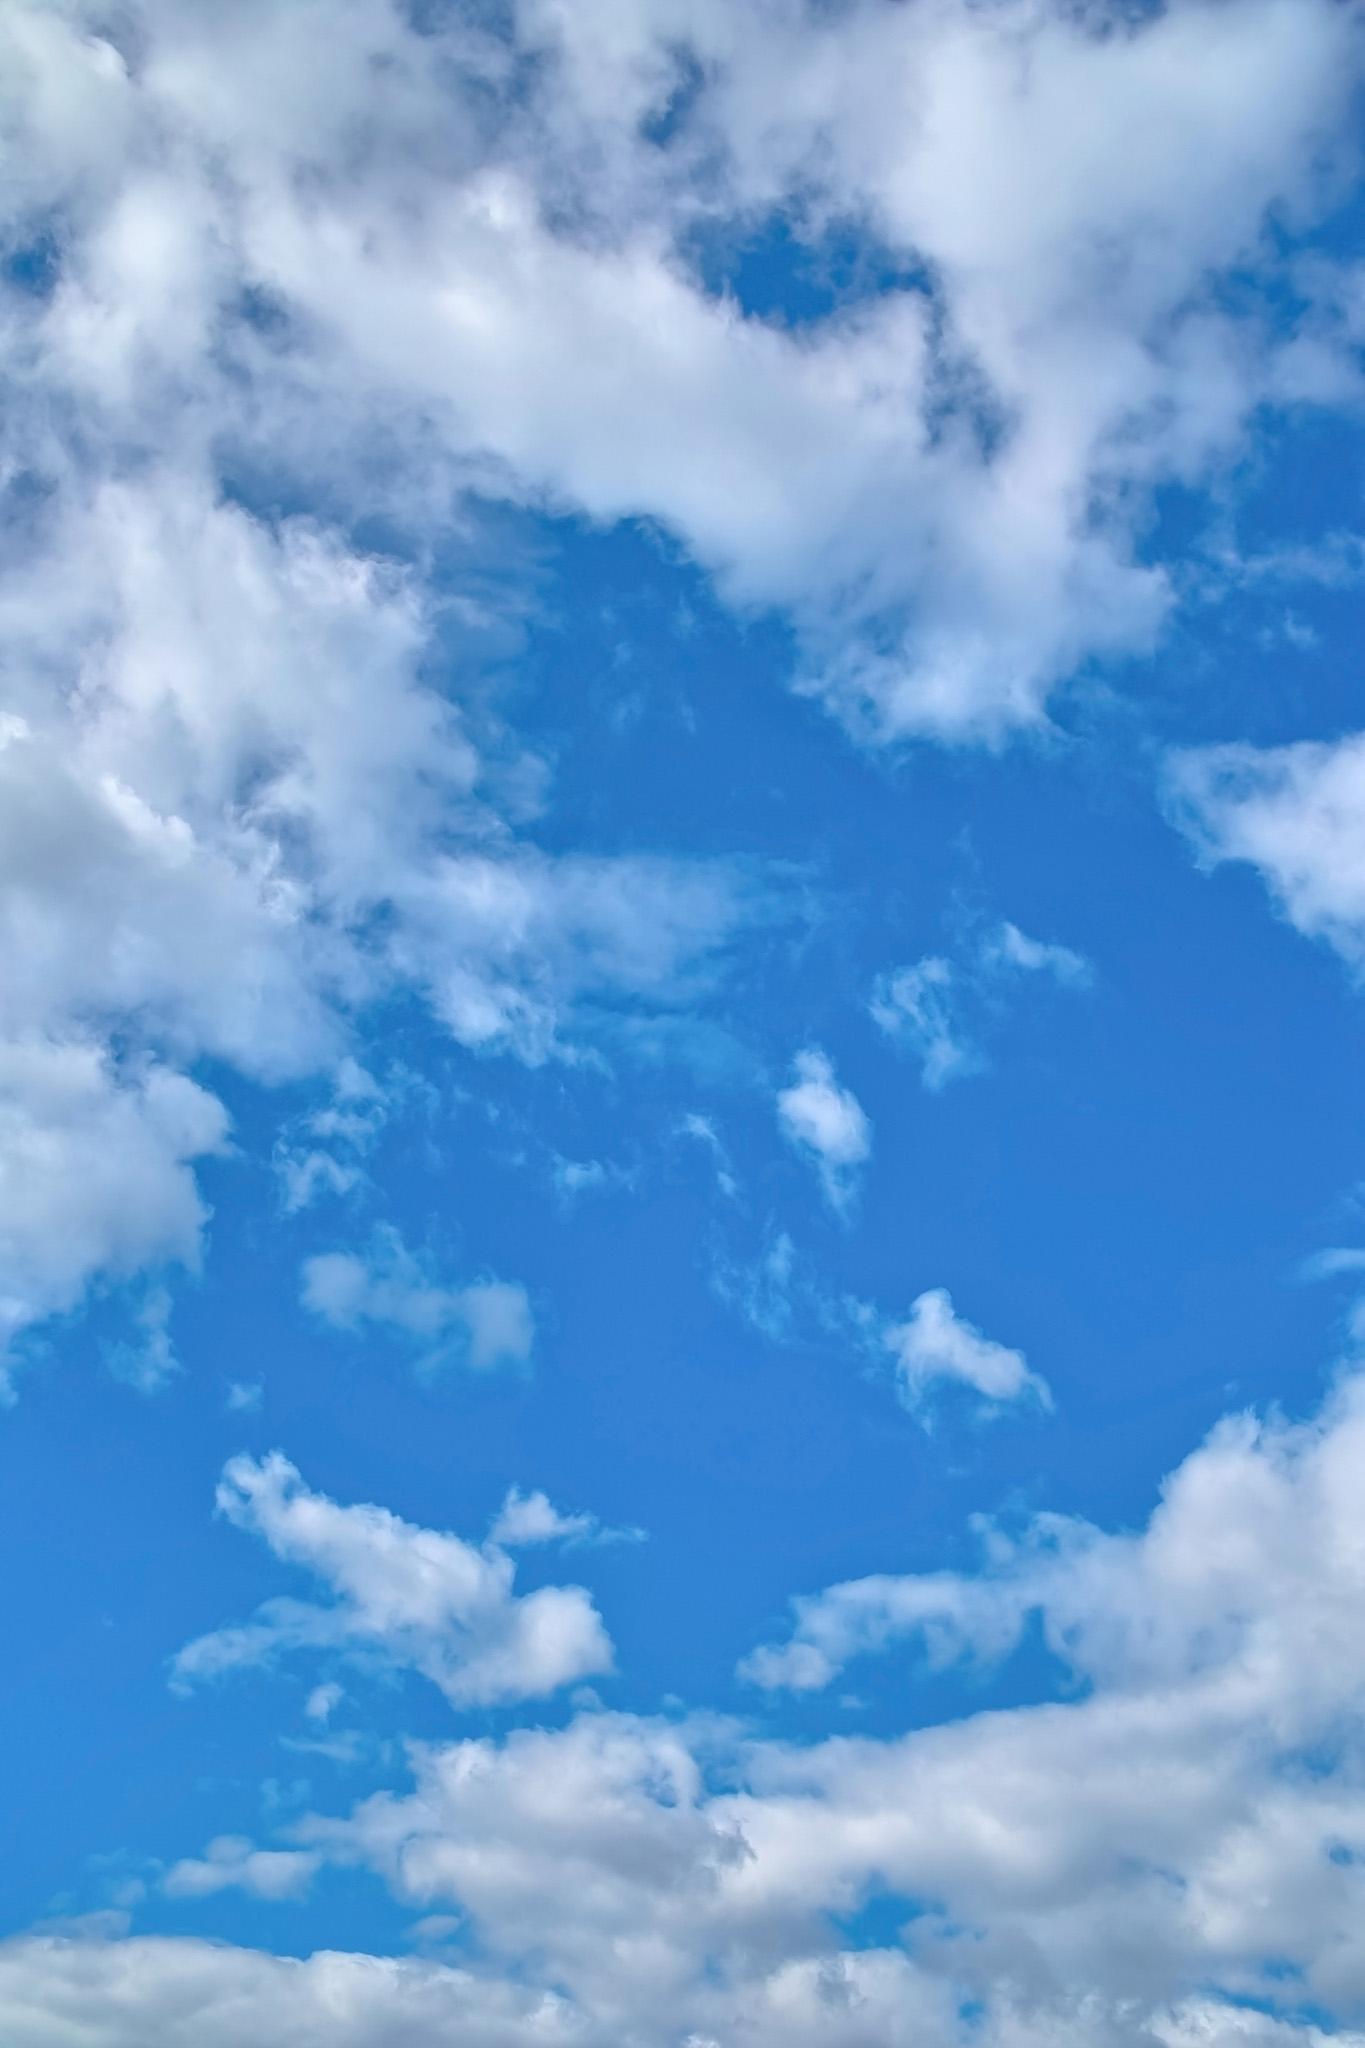 「青空が雲の切れ目に覗く」の画像を無料ダウンロード